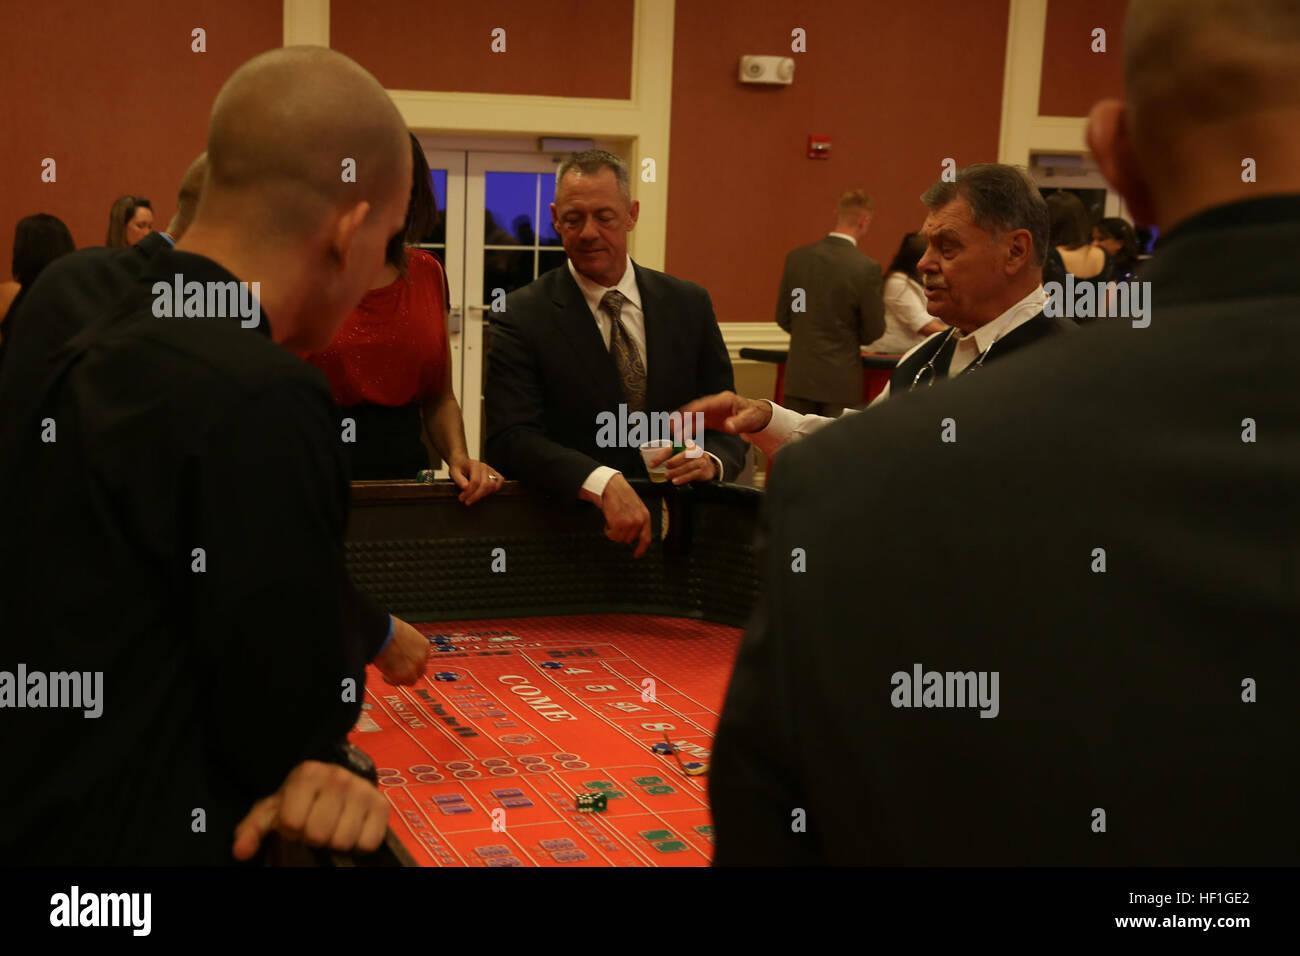 Pedro gonzalez casino